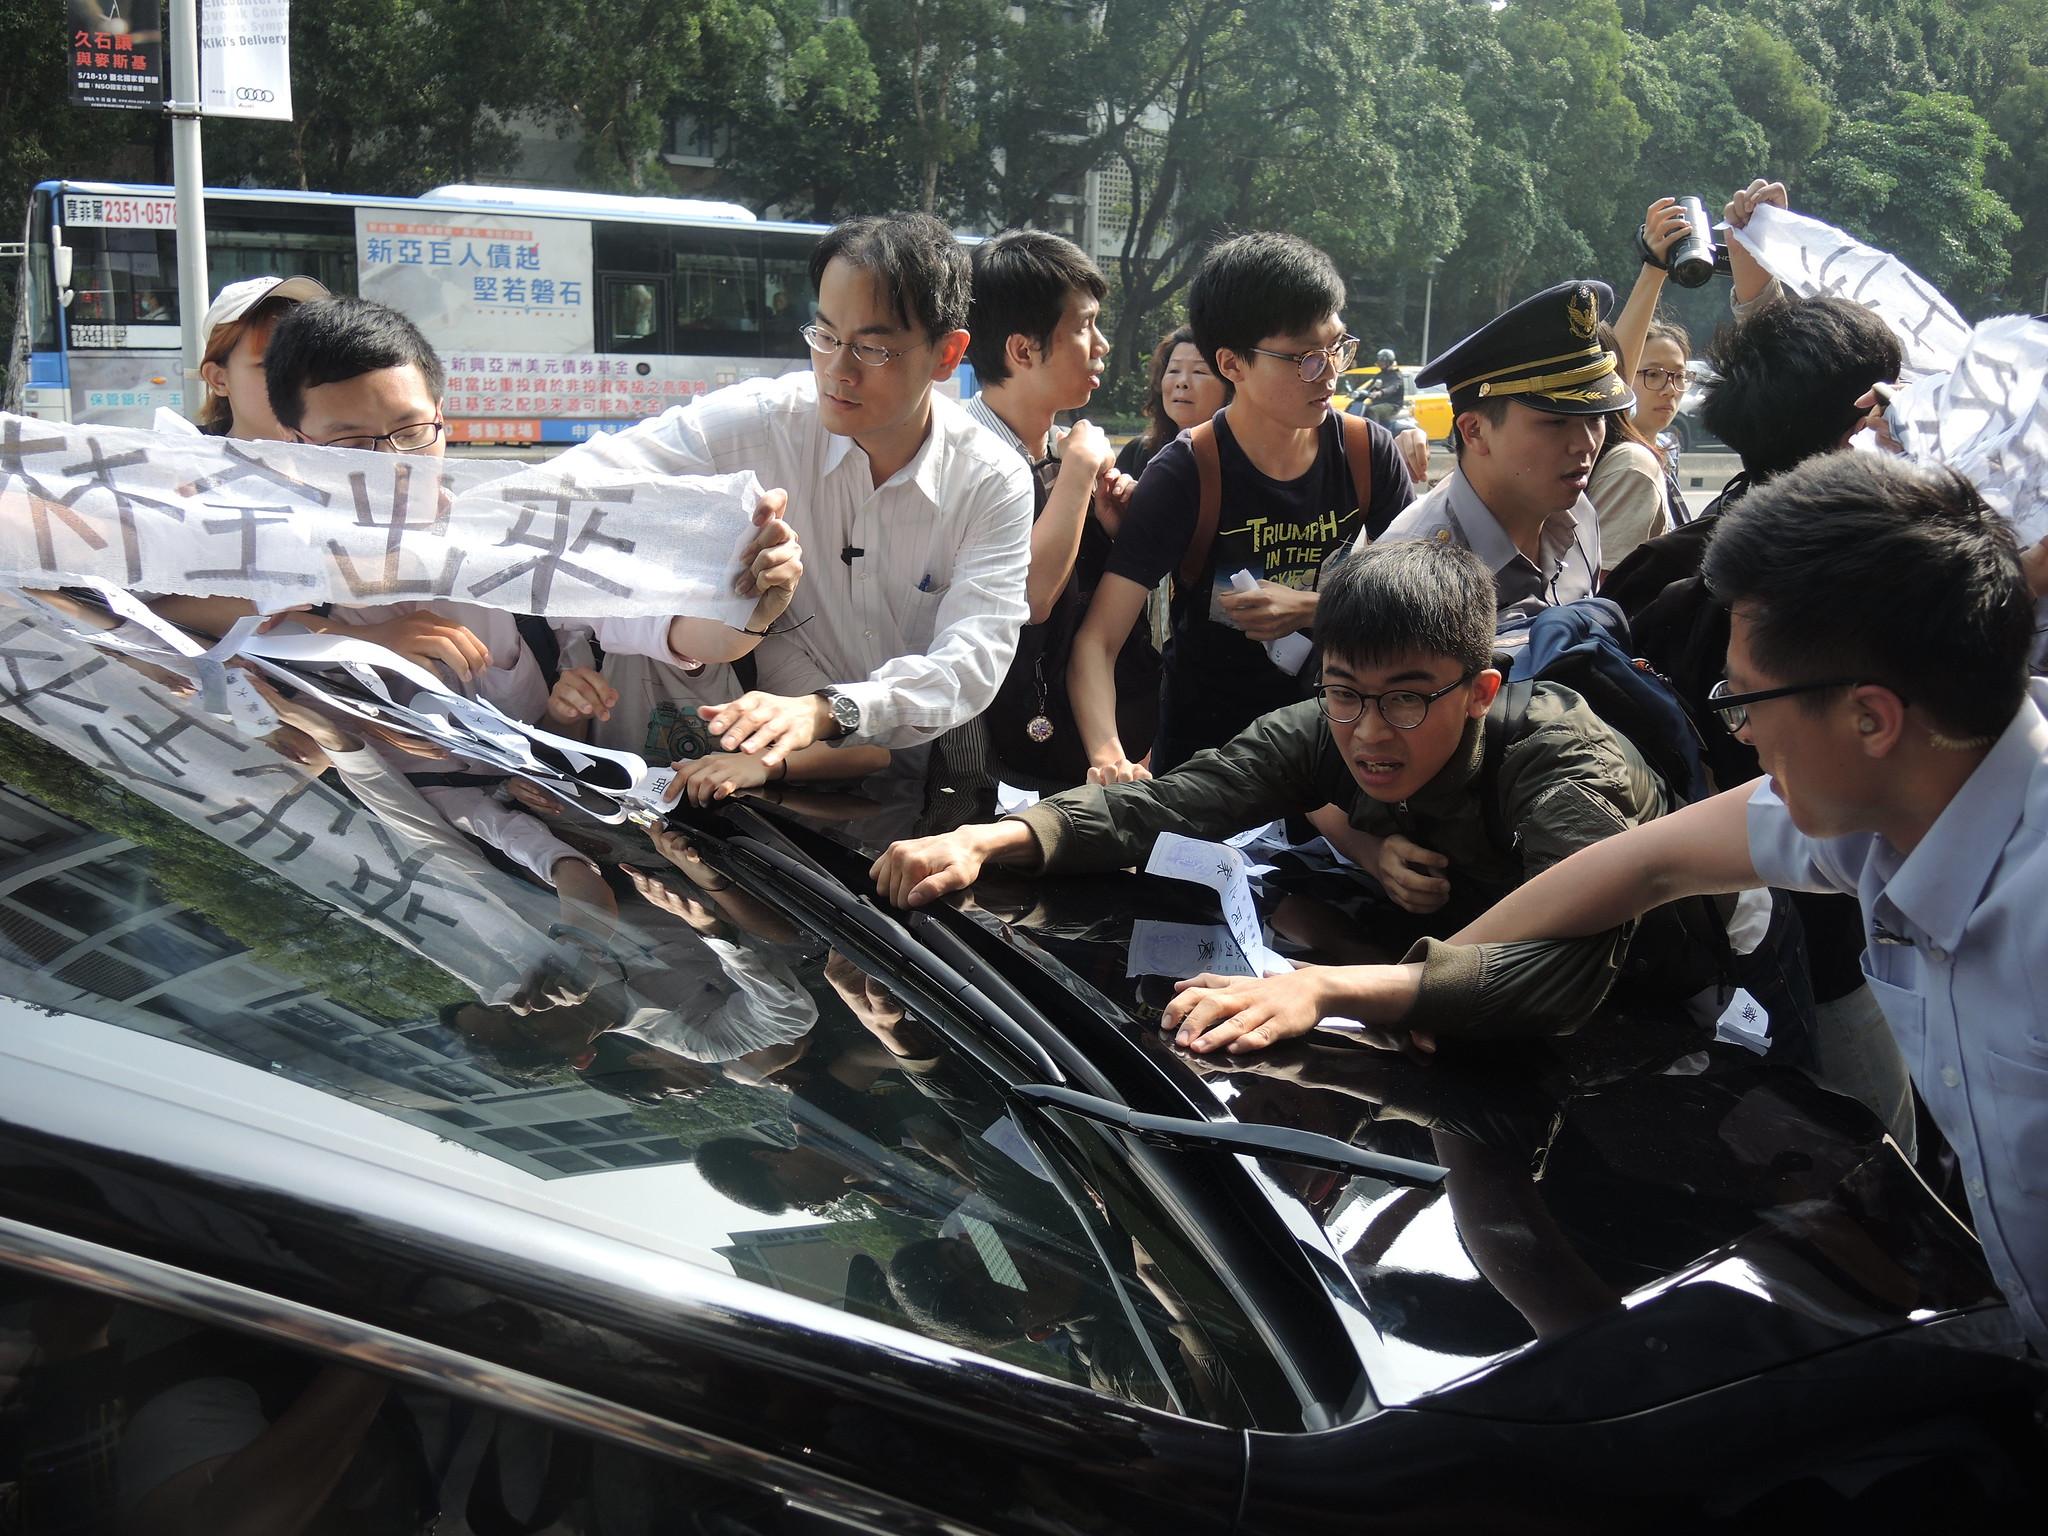 早上8:30大觀社區居民以及聲援者阻擋林全車隊前進。(攝影:曾福全)